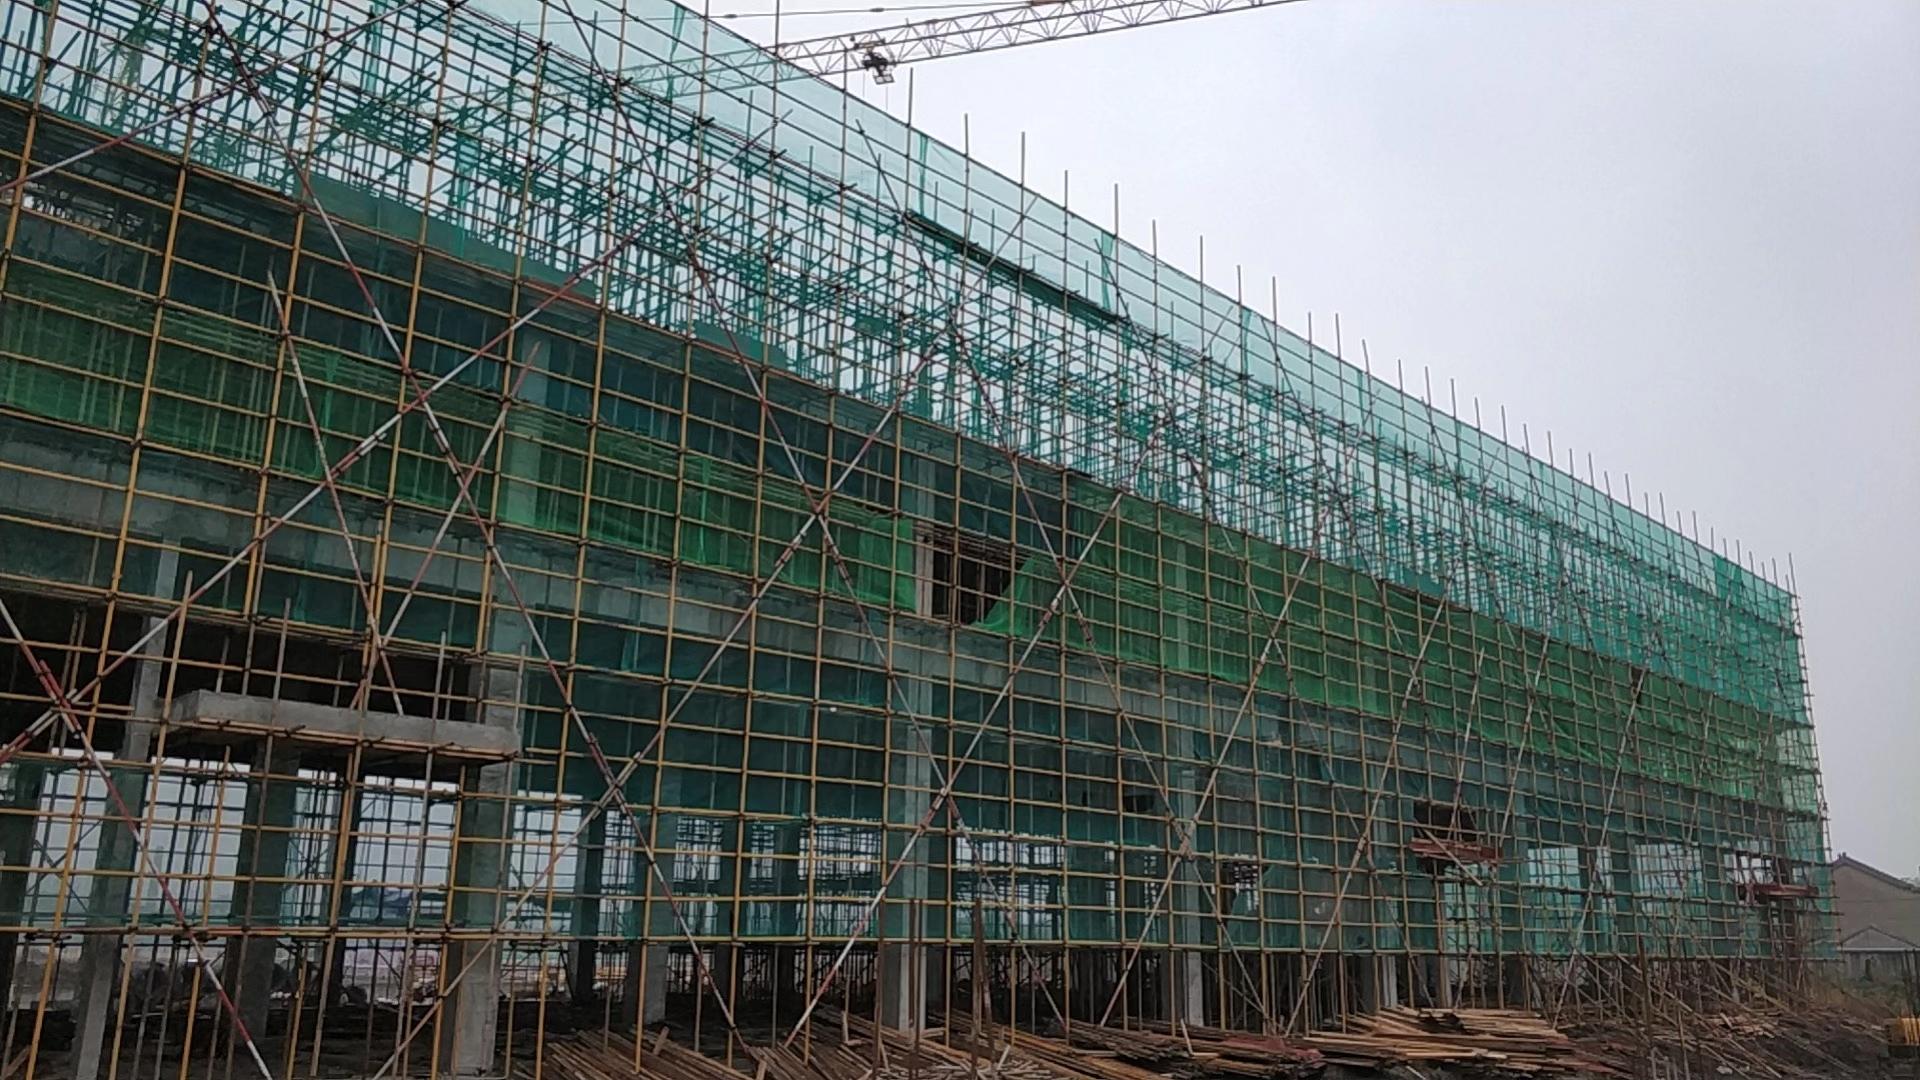 全新国土纯单层厂房出售12米高